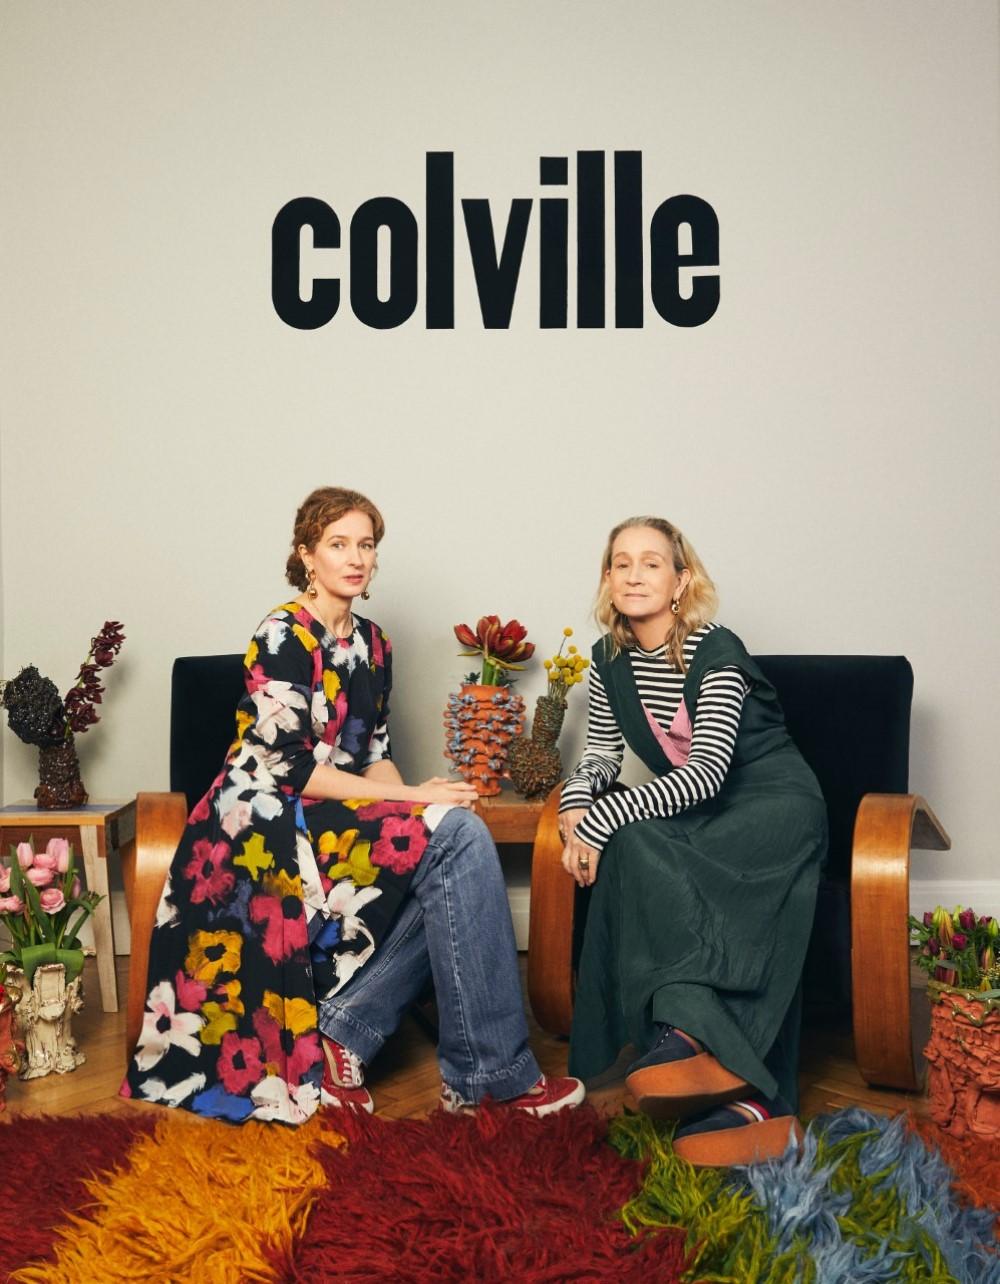 colville(コルヴィル)